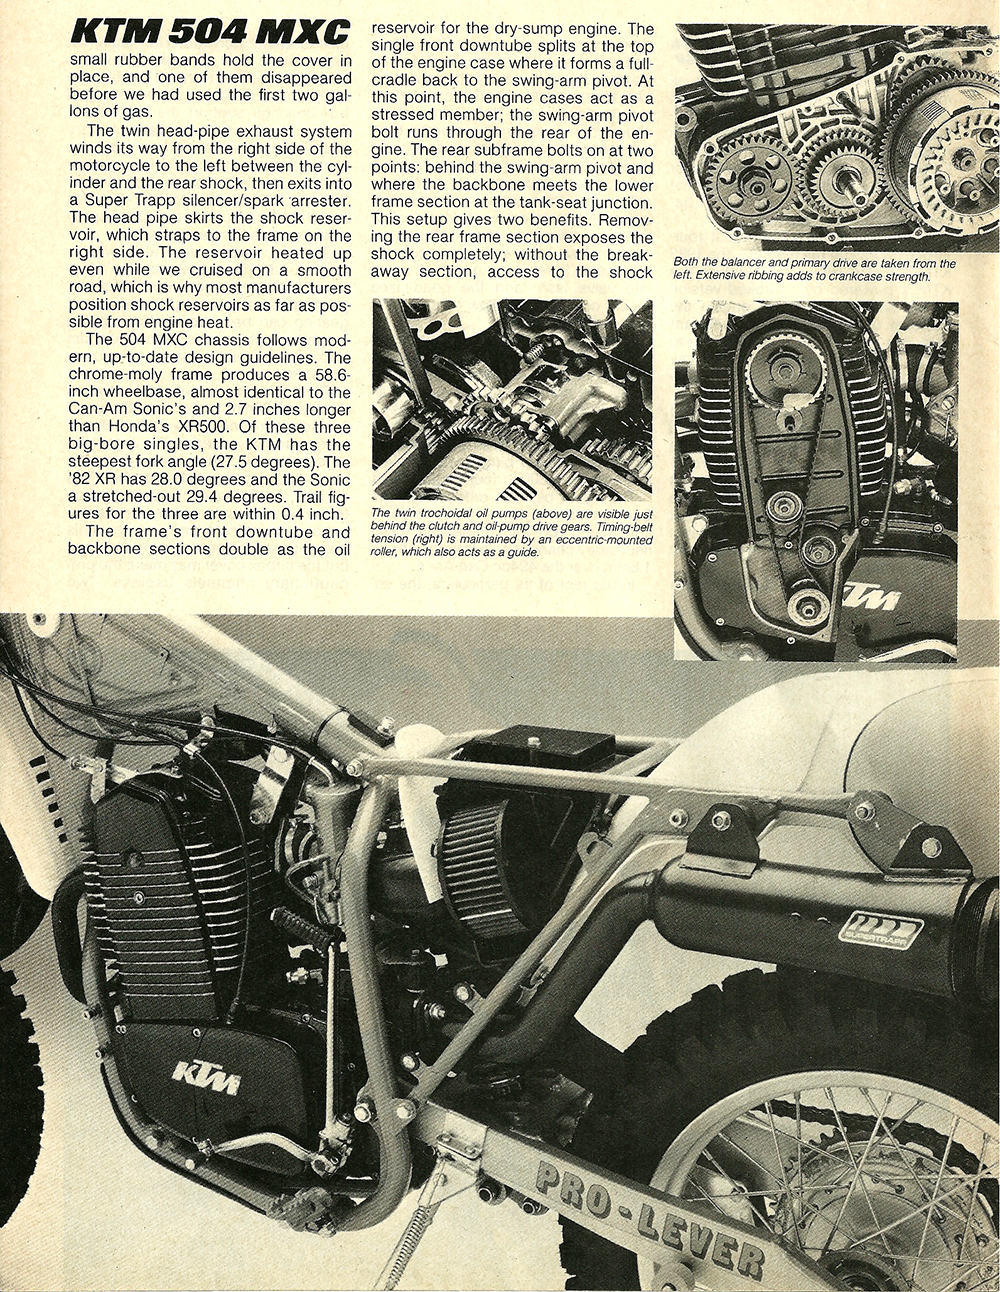 1983 KTM 504 MXC road test 5.jpg